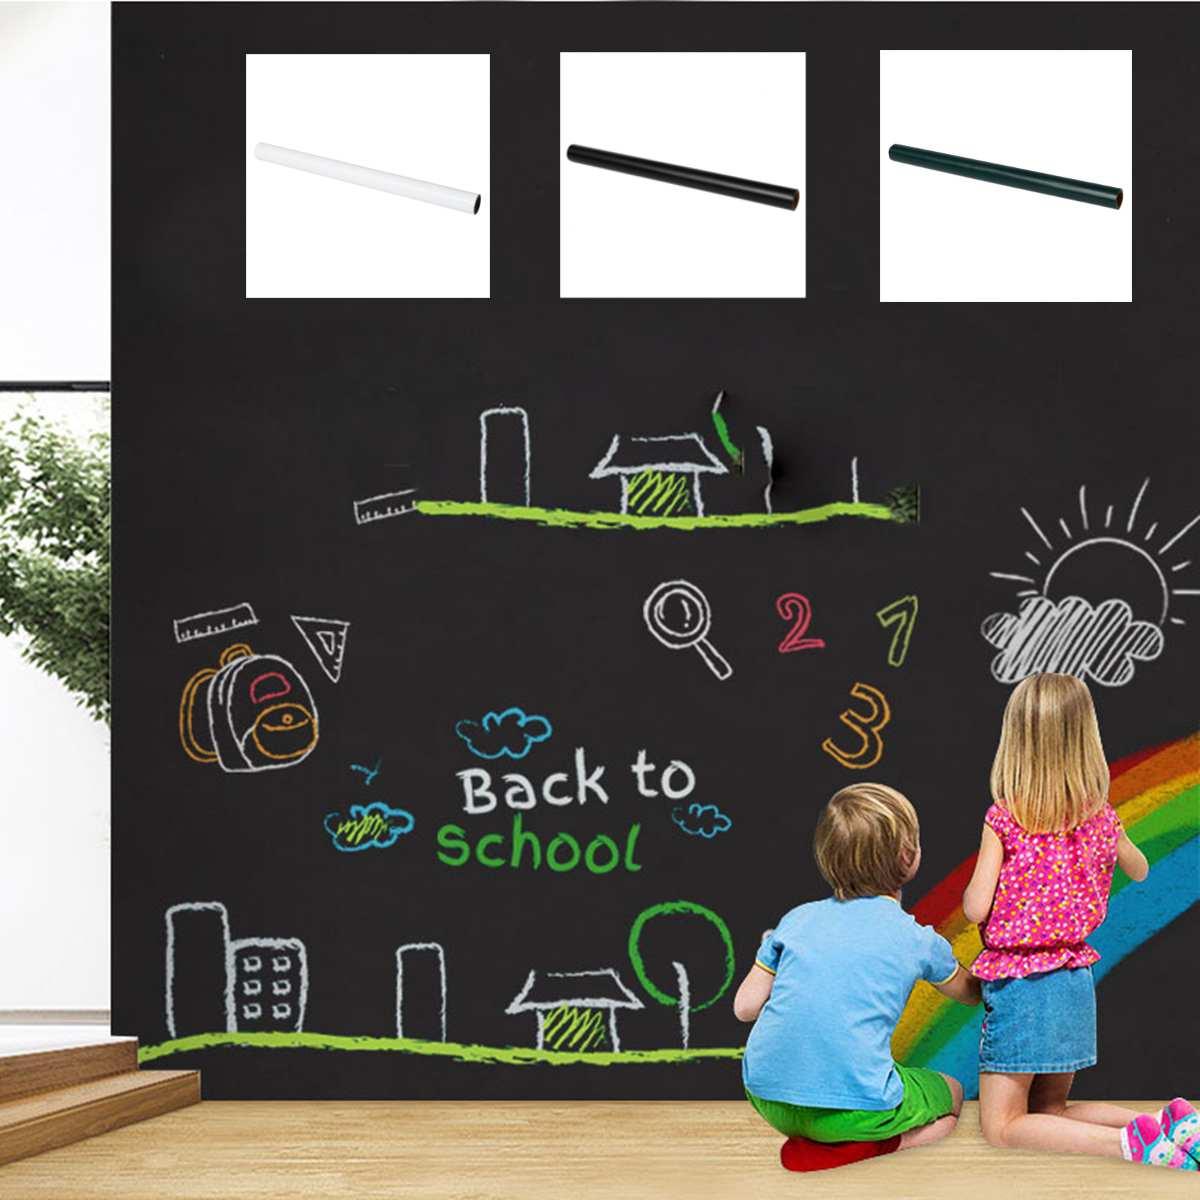 Мягкий ферромагнитный Self клеющаюся доска наклейки съемные дети стикеры Настенные граффити управления презентации Панели для белой доски